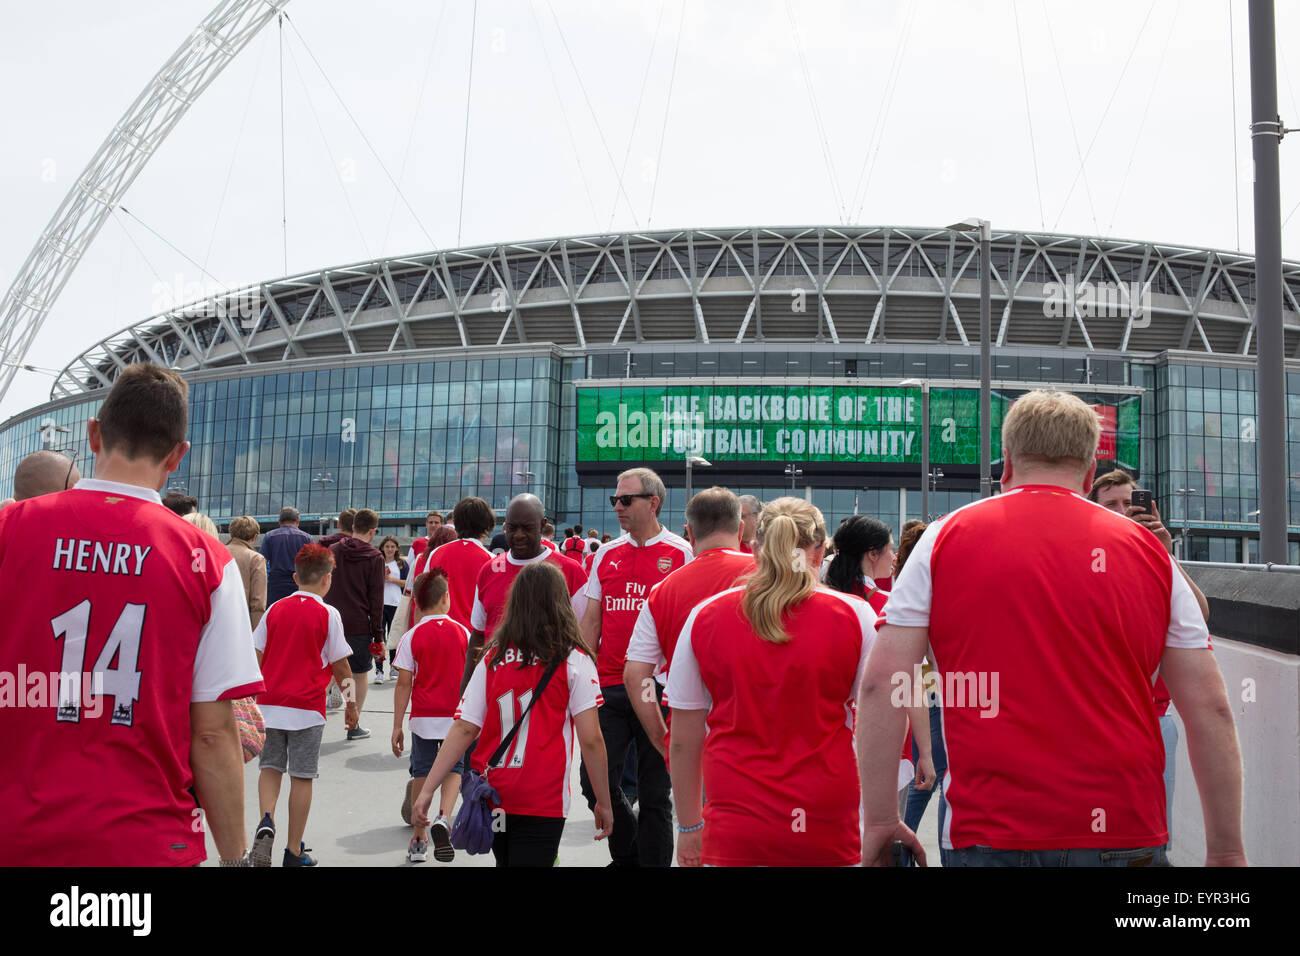 Arsenal Football Supporters voce per lo stadio di Wembley a guardare la protezione comunitaria 2015 Immagini Stock